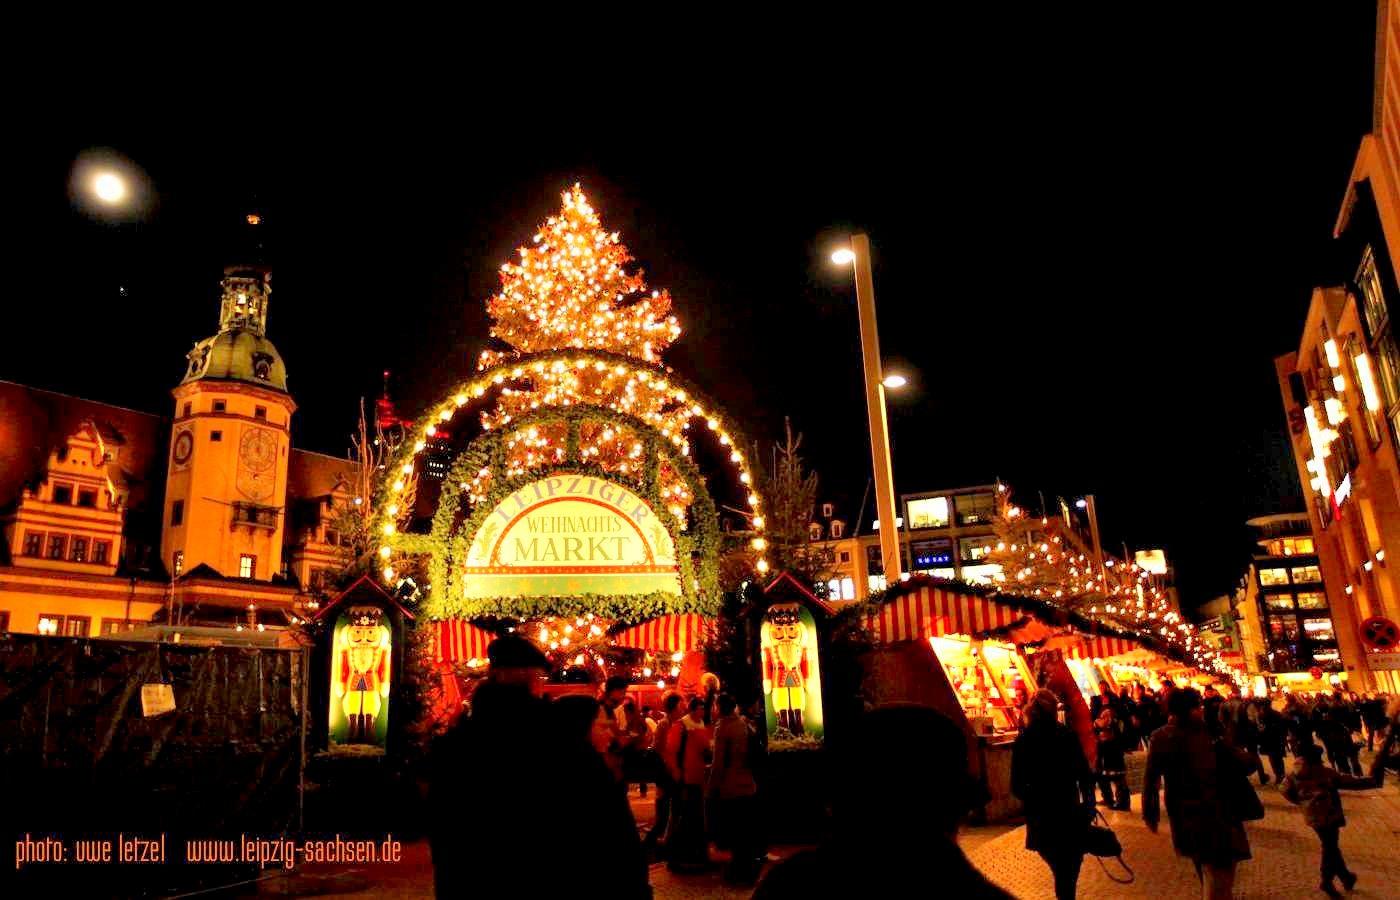 Das Weihnachtsmarkt.Leipzig Weihnachtsmarkt 2018 Leipzig Sachsen De